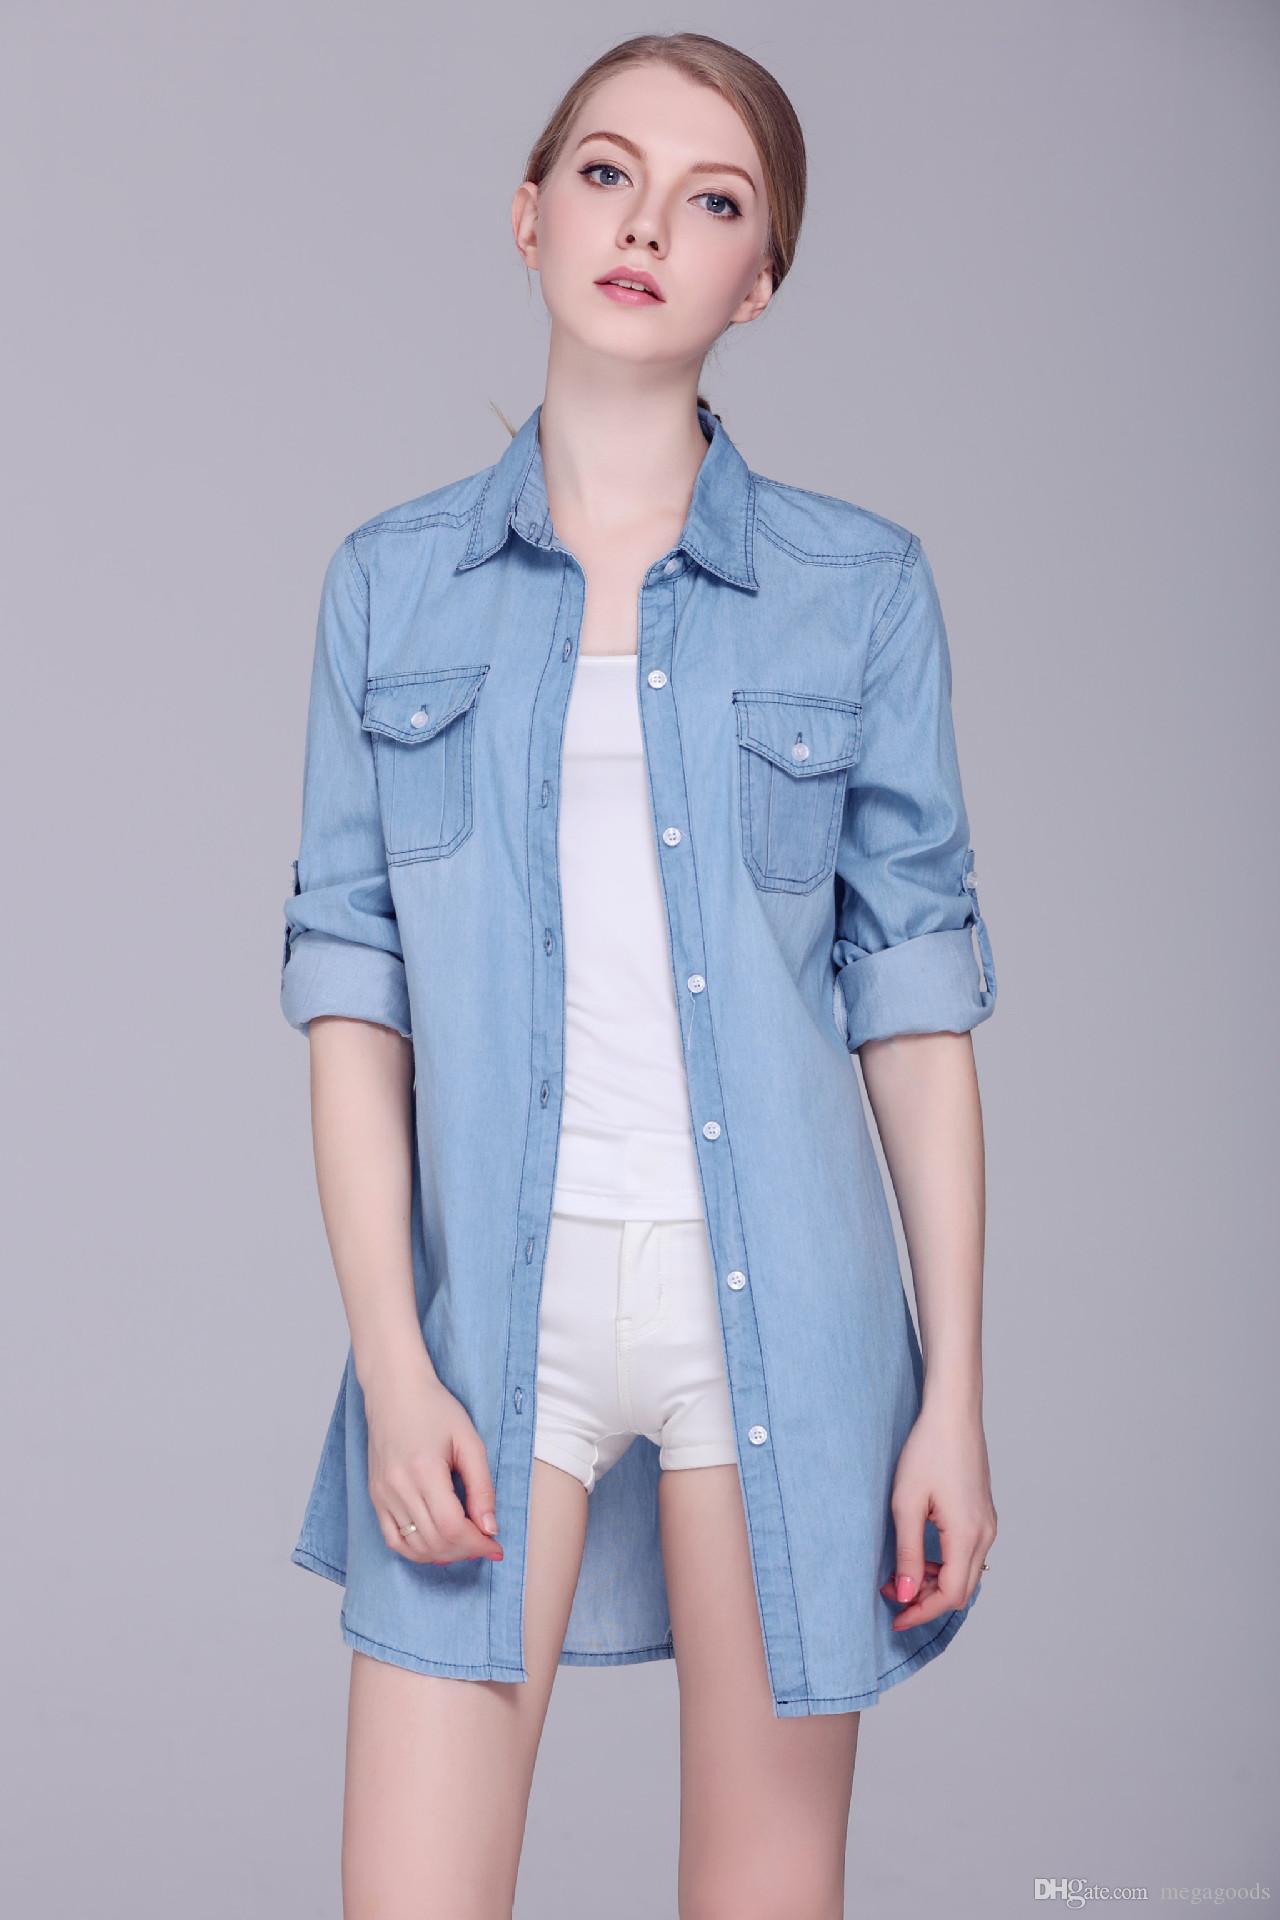 Chemise Jean Longue dedans acheter / poches filles hot single breasted cowboy longue chemise